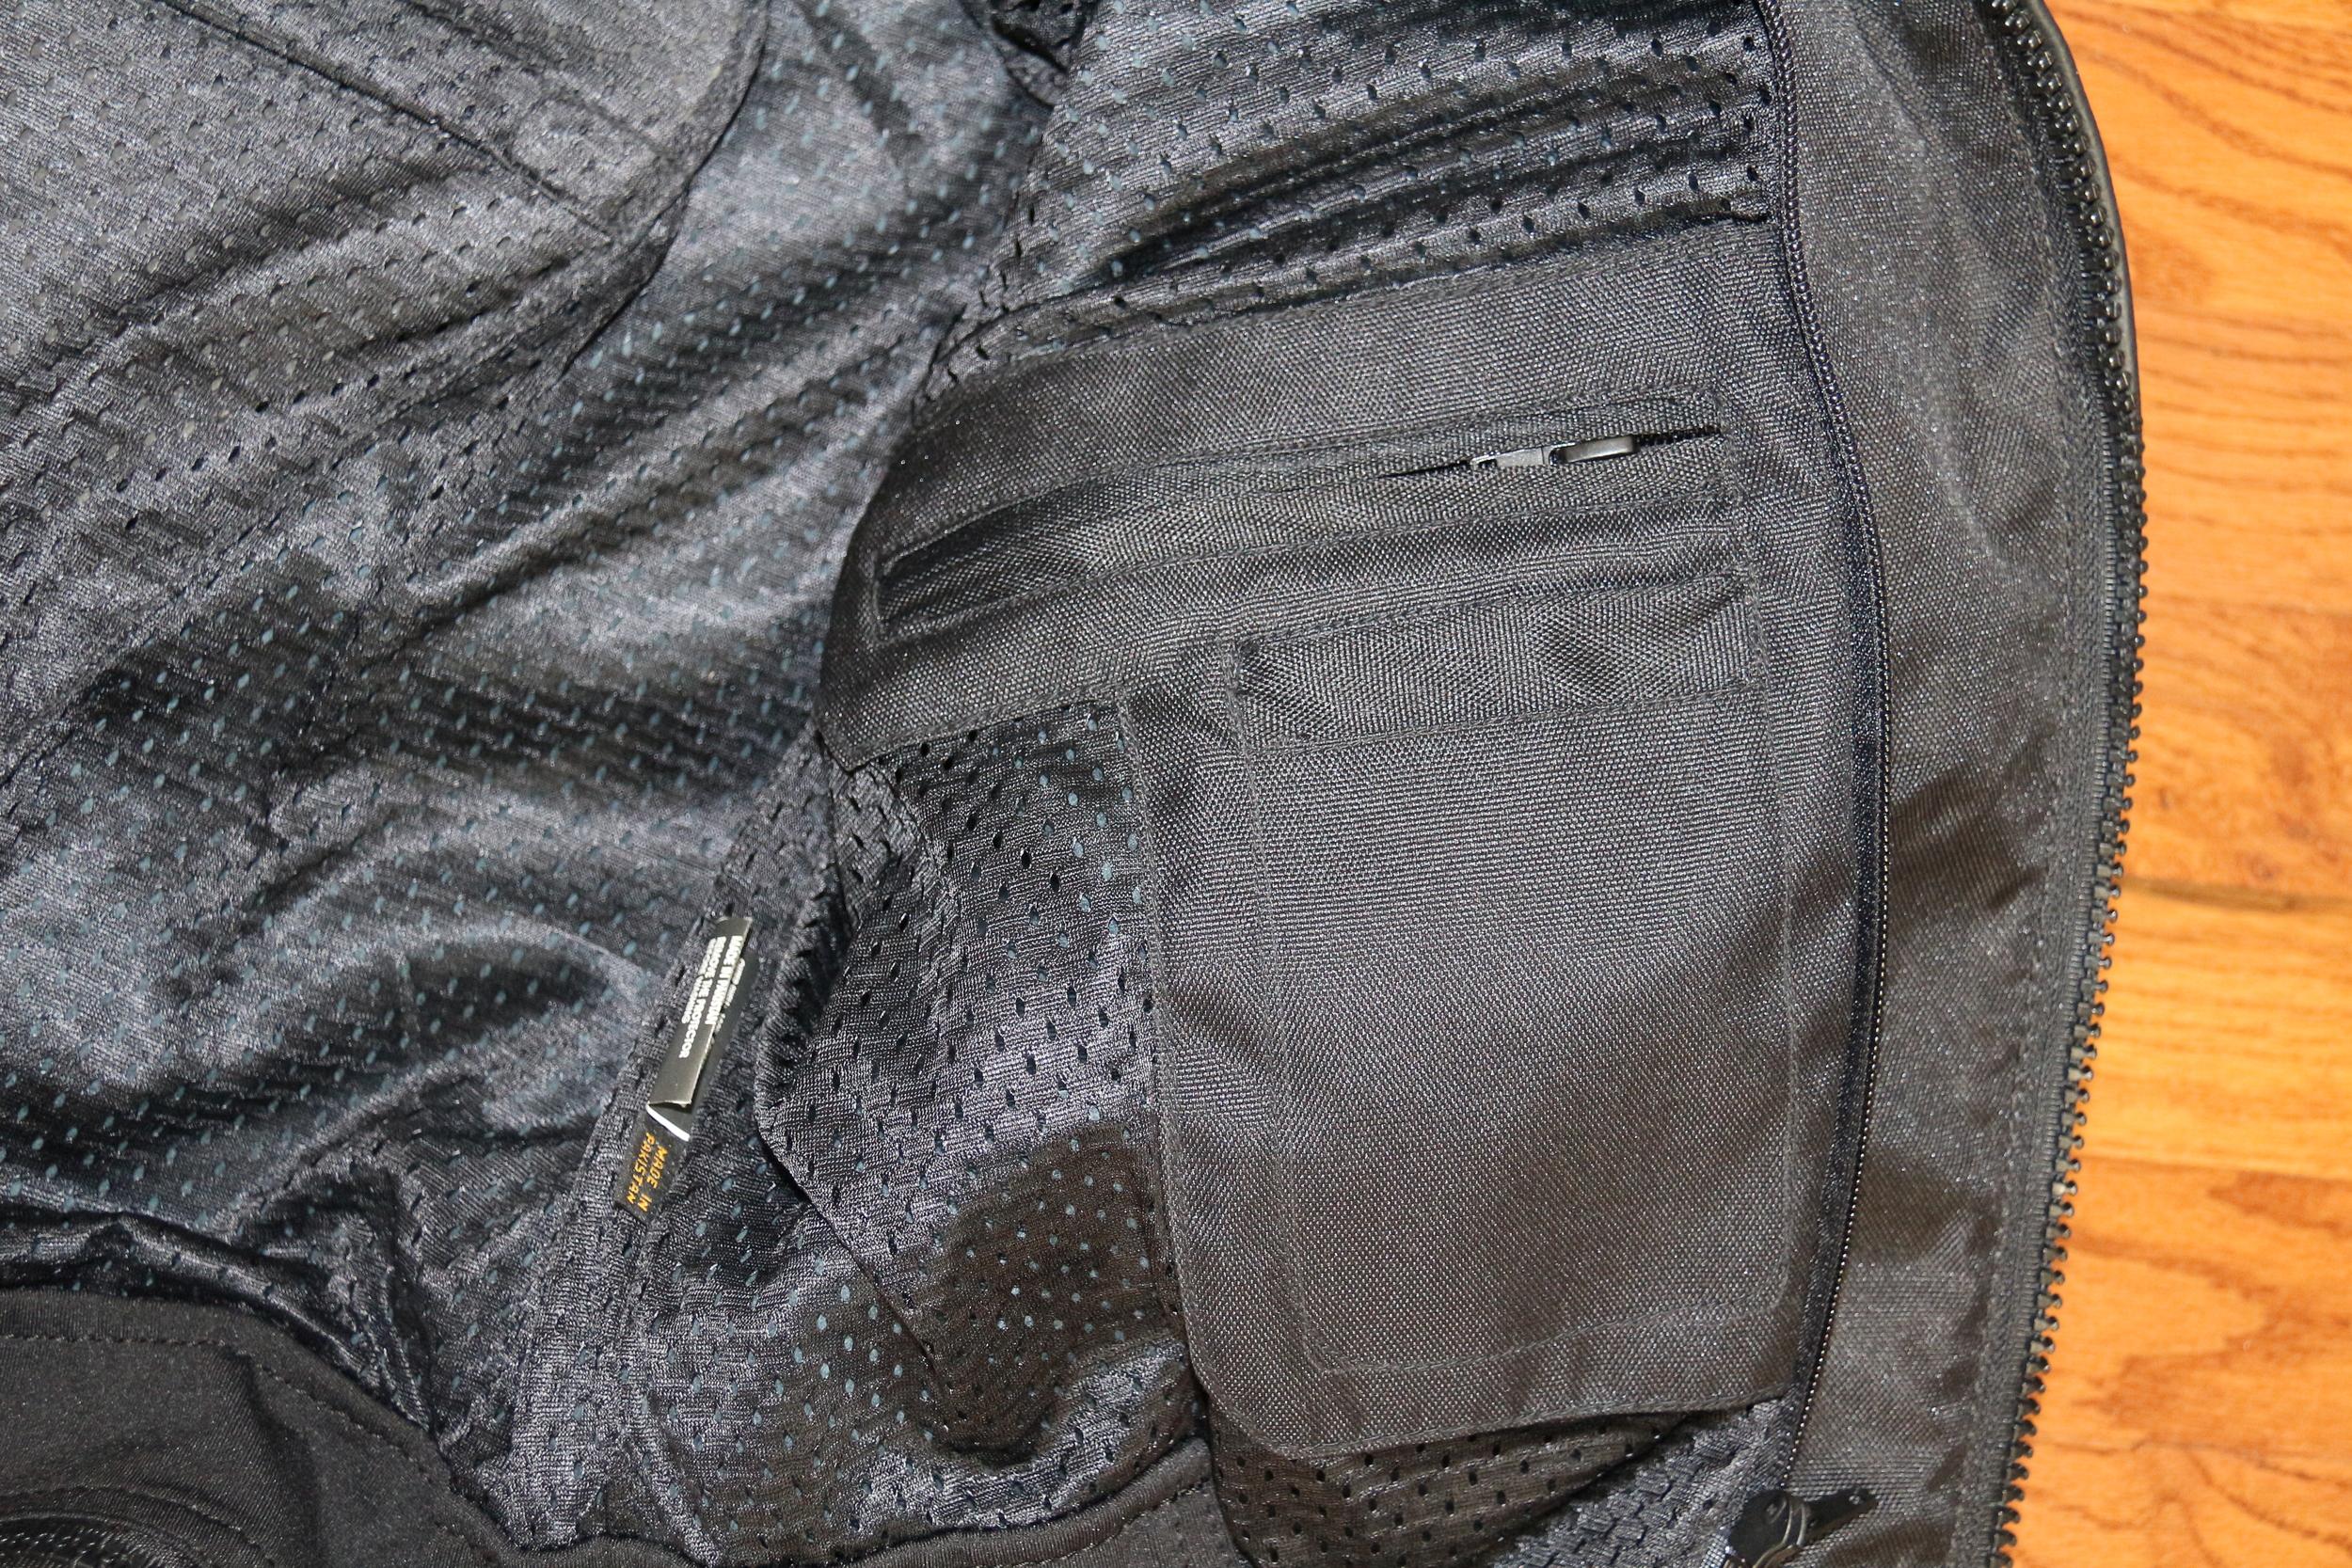 Inside pocket without liner